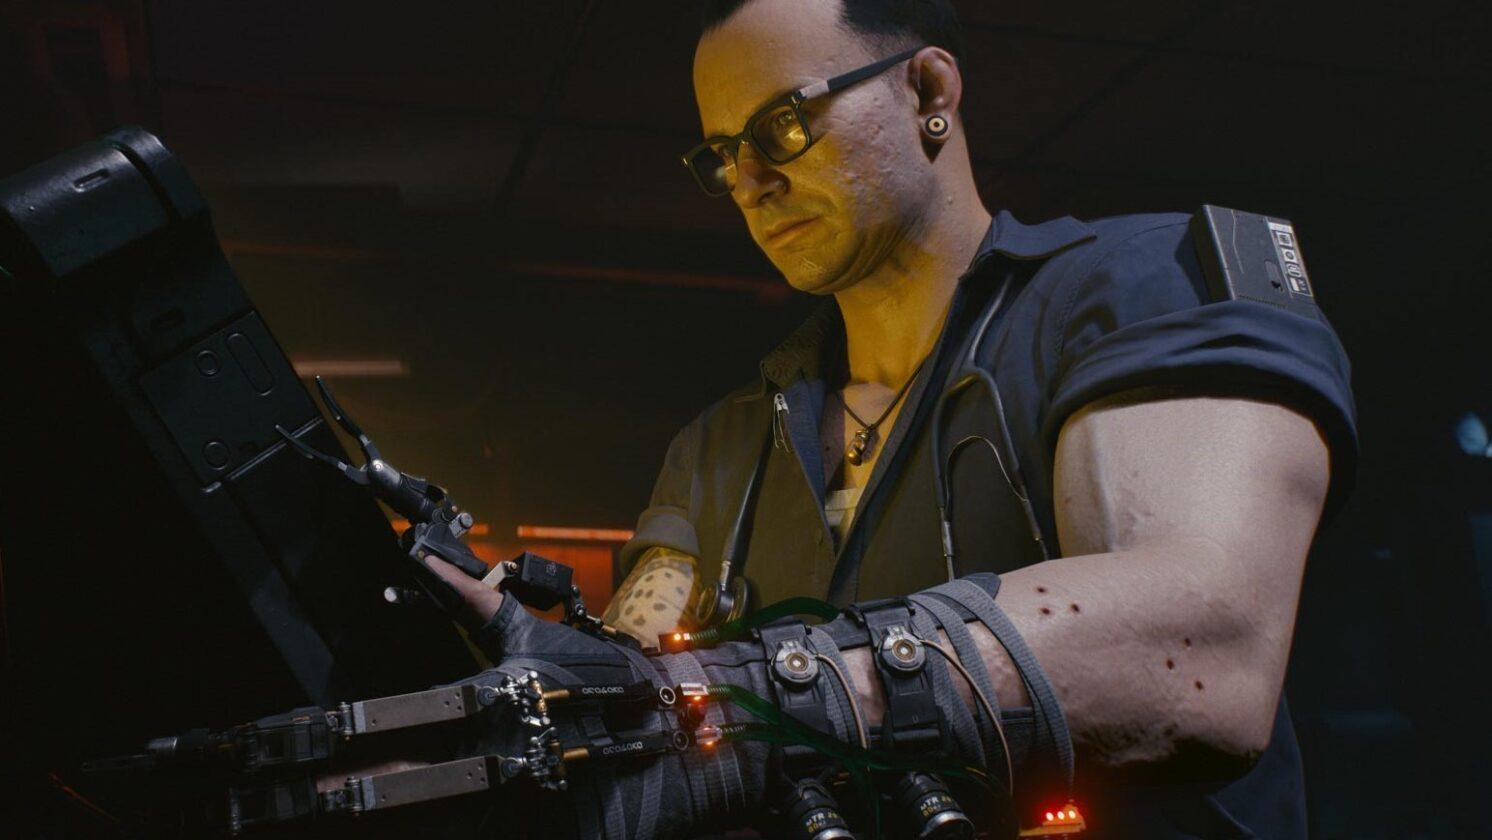 Cyberpunk 2077: Livré Sur 2 Disques, 70 Go De Stockage